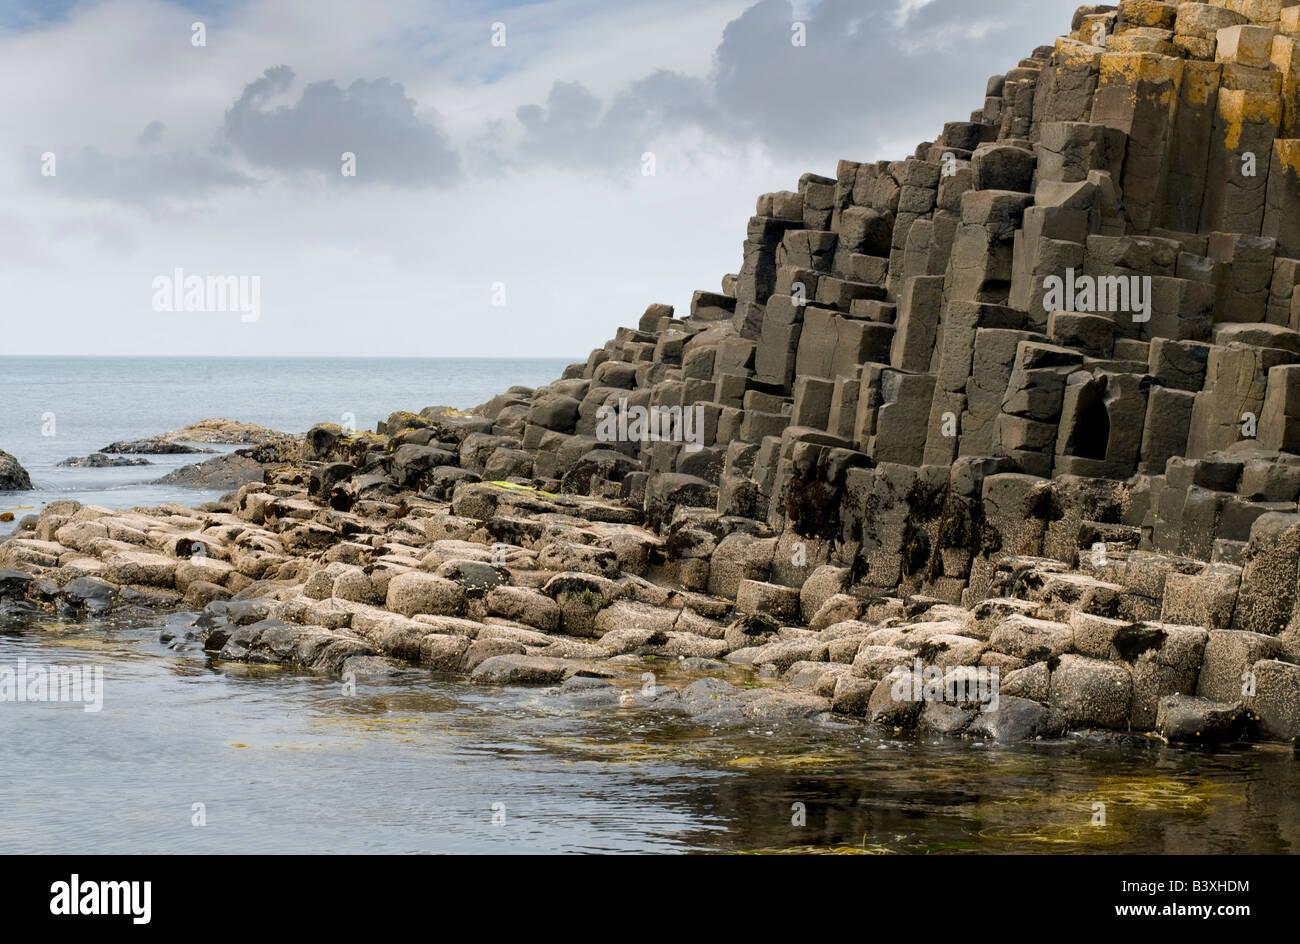 Giants Causeway, Northern Ireland - Stock Image